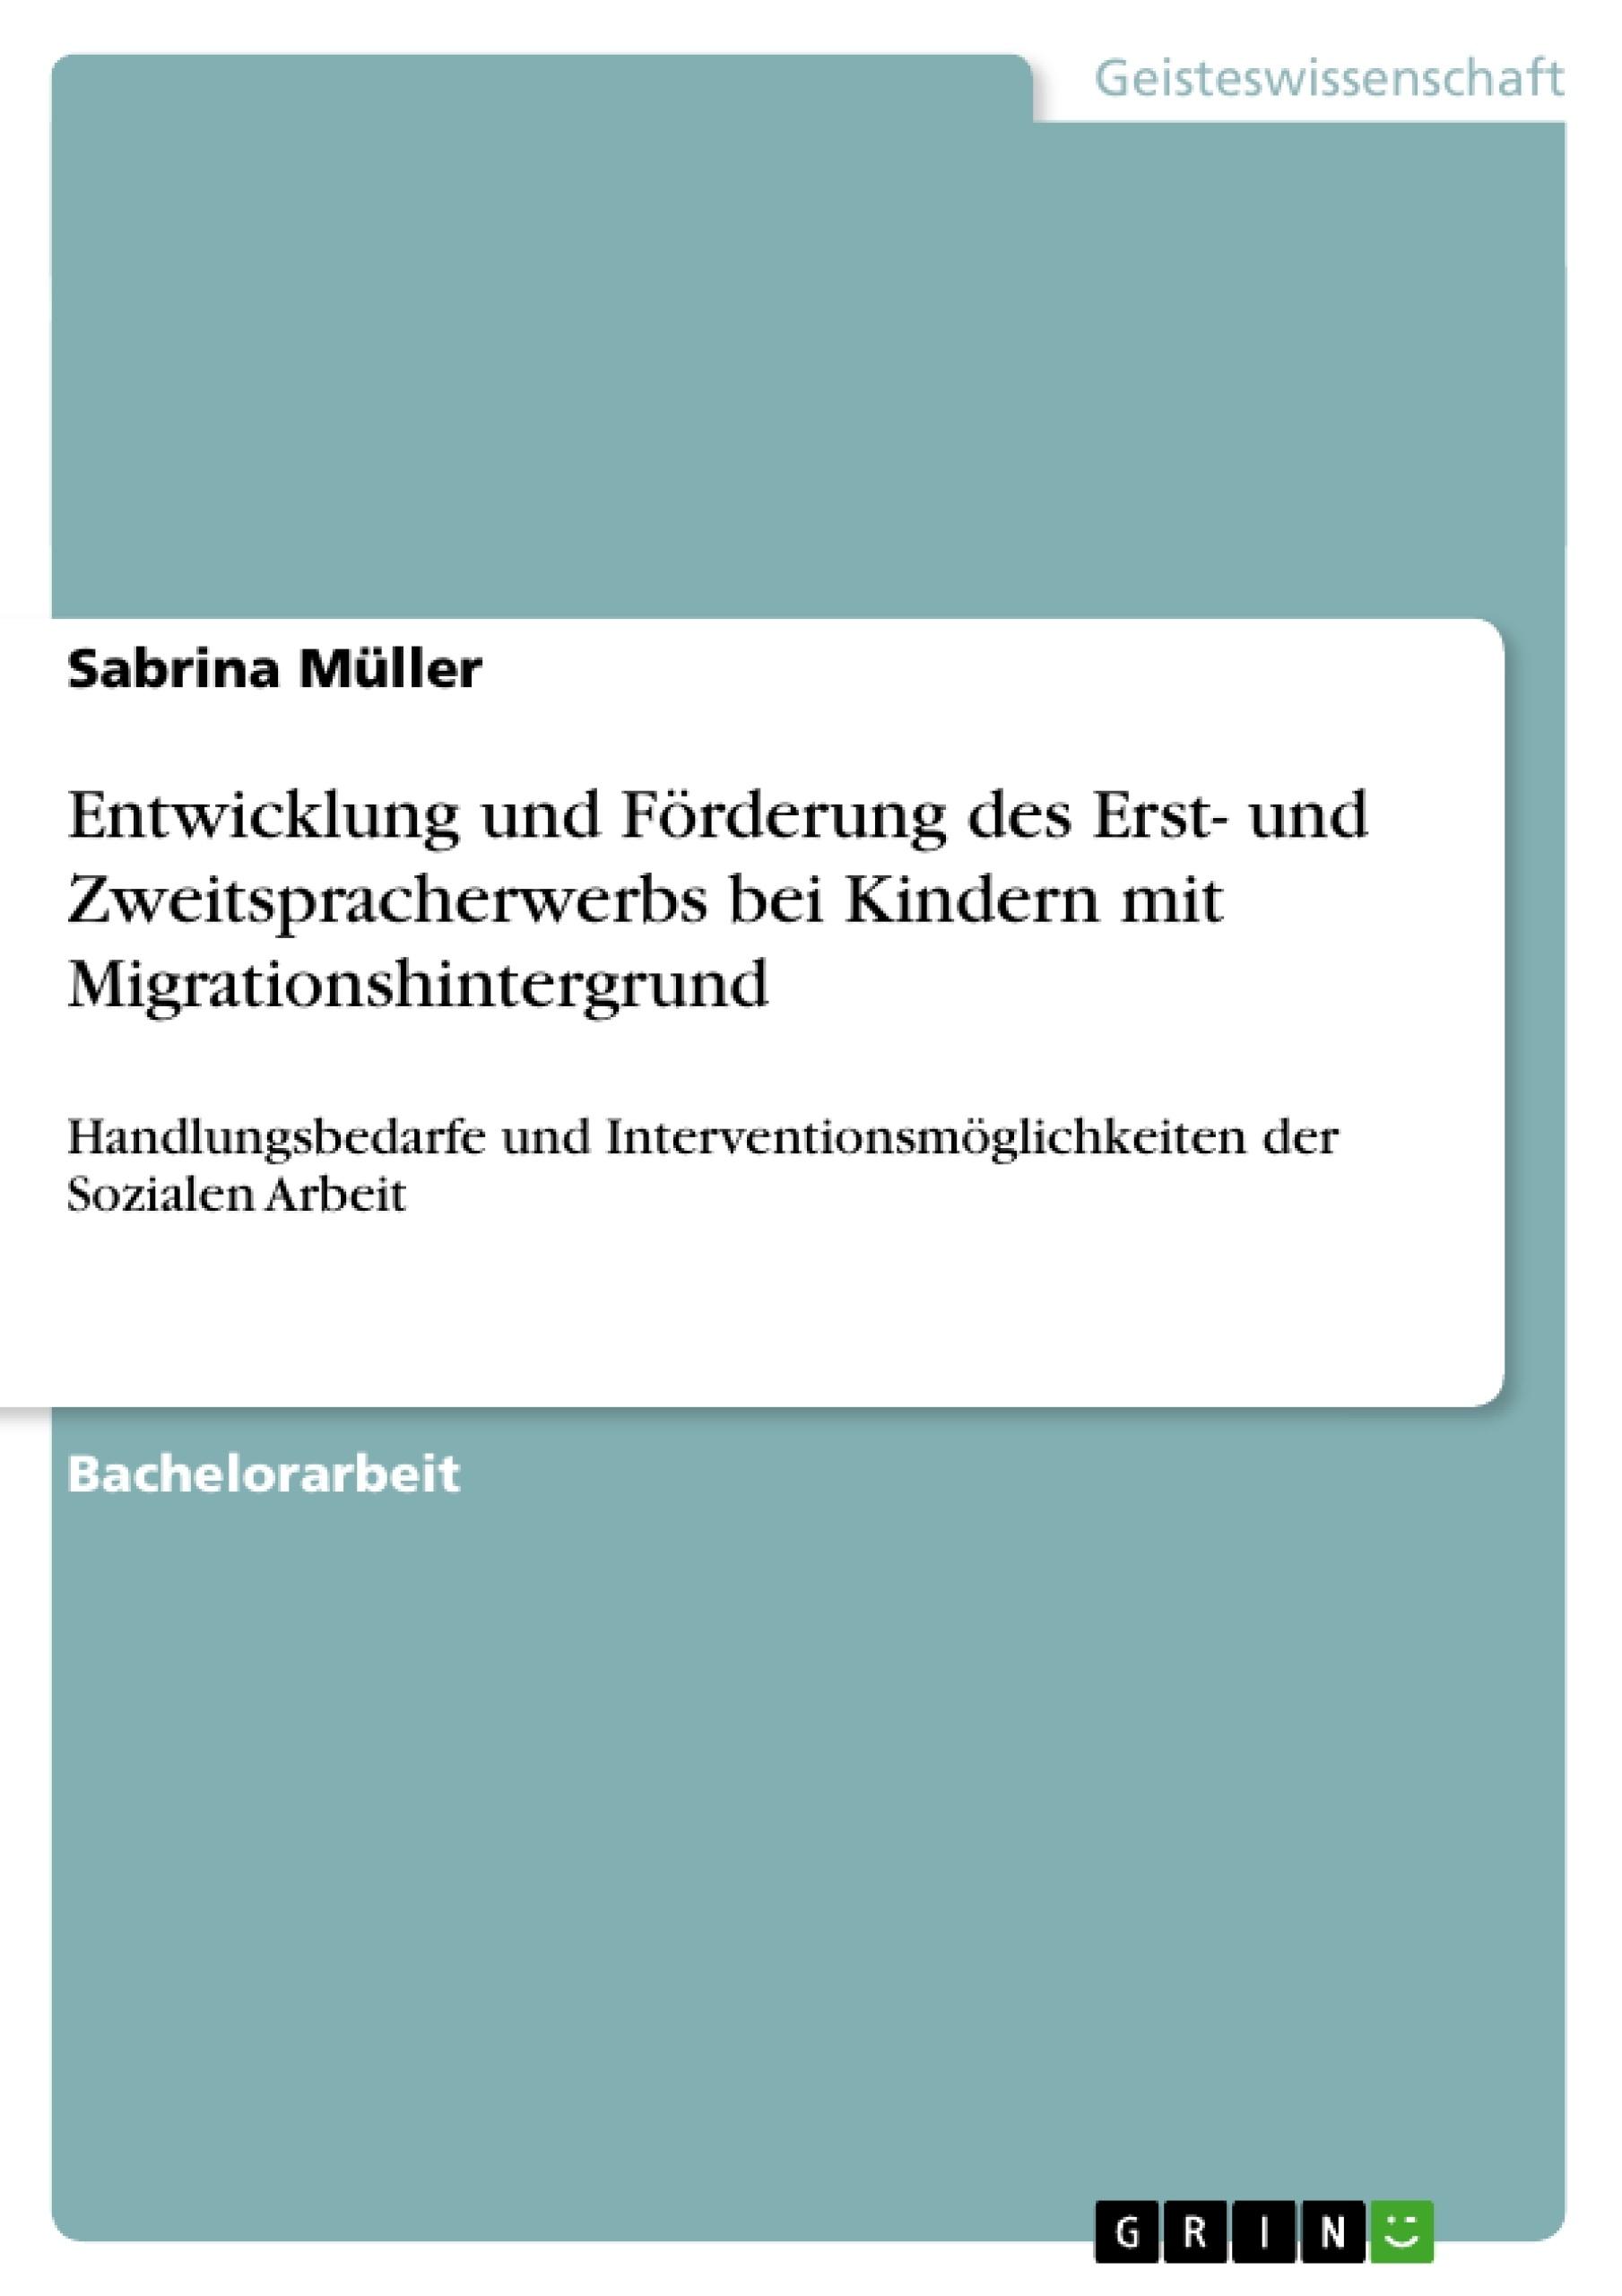 Titel: Entwicklung und Förderung des Erst- und Zweitspracherwerbs bei Kindern mit Migrationshintergrund